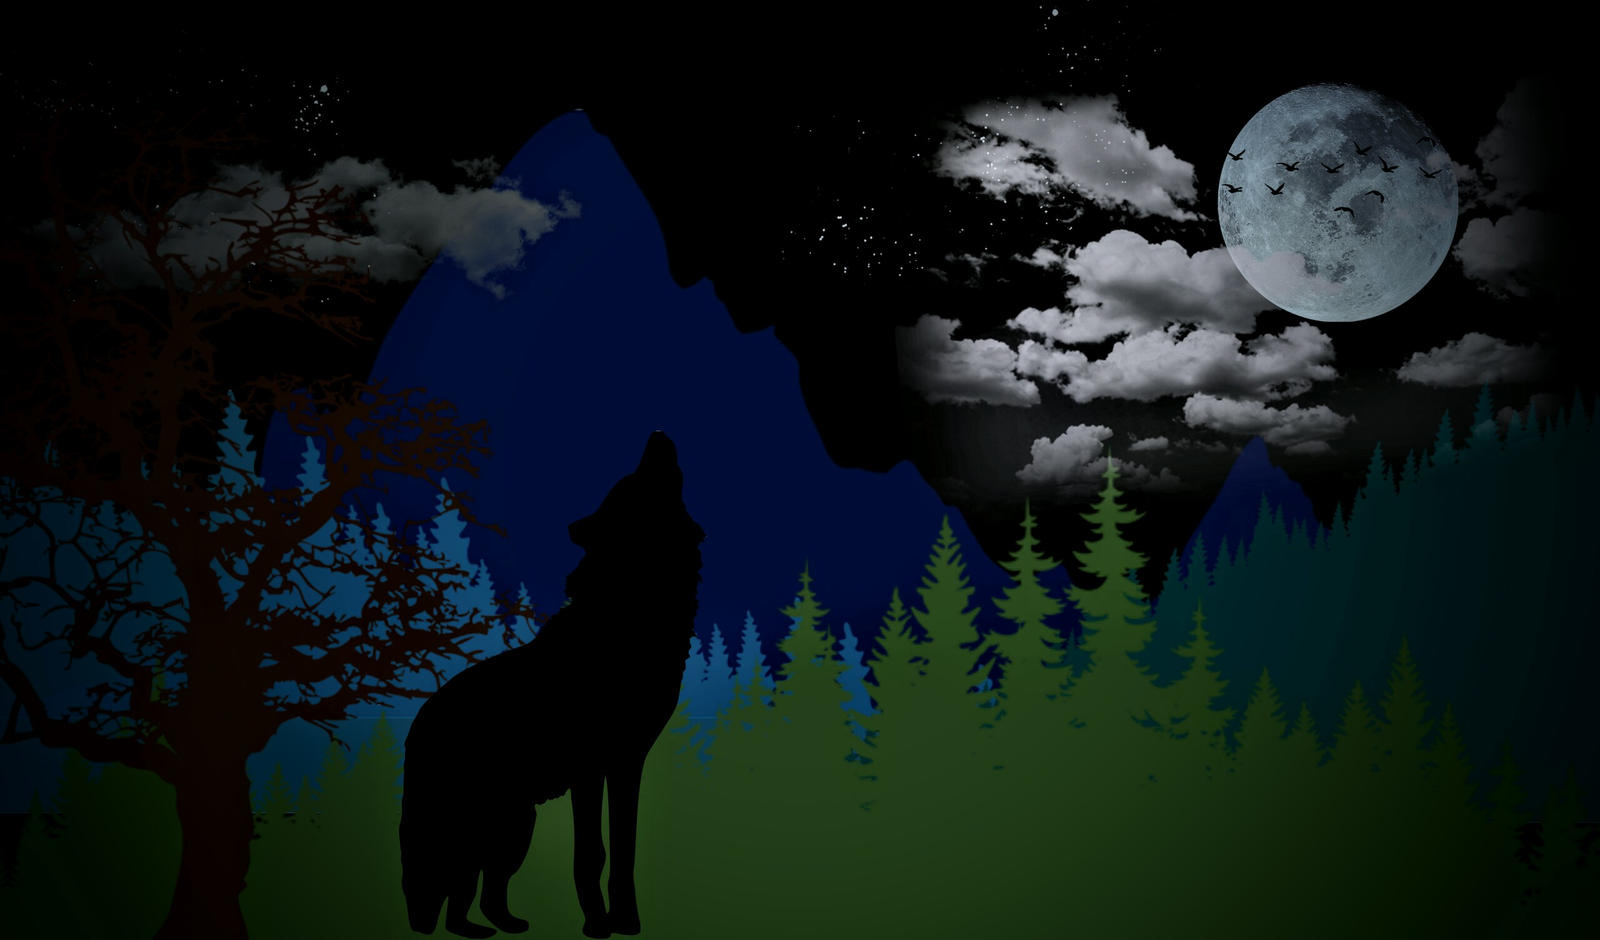 Wolfsong by Mittelfranke